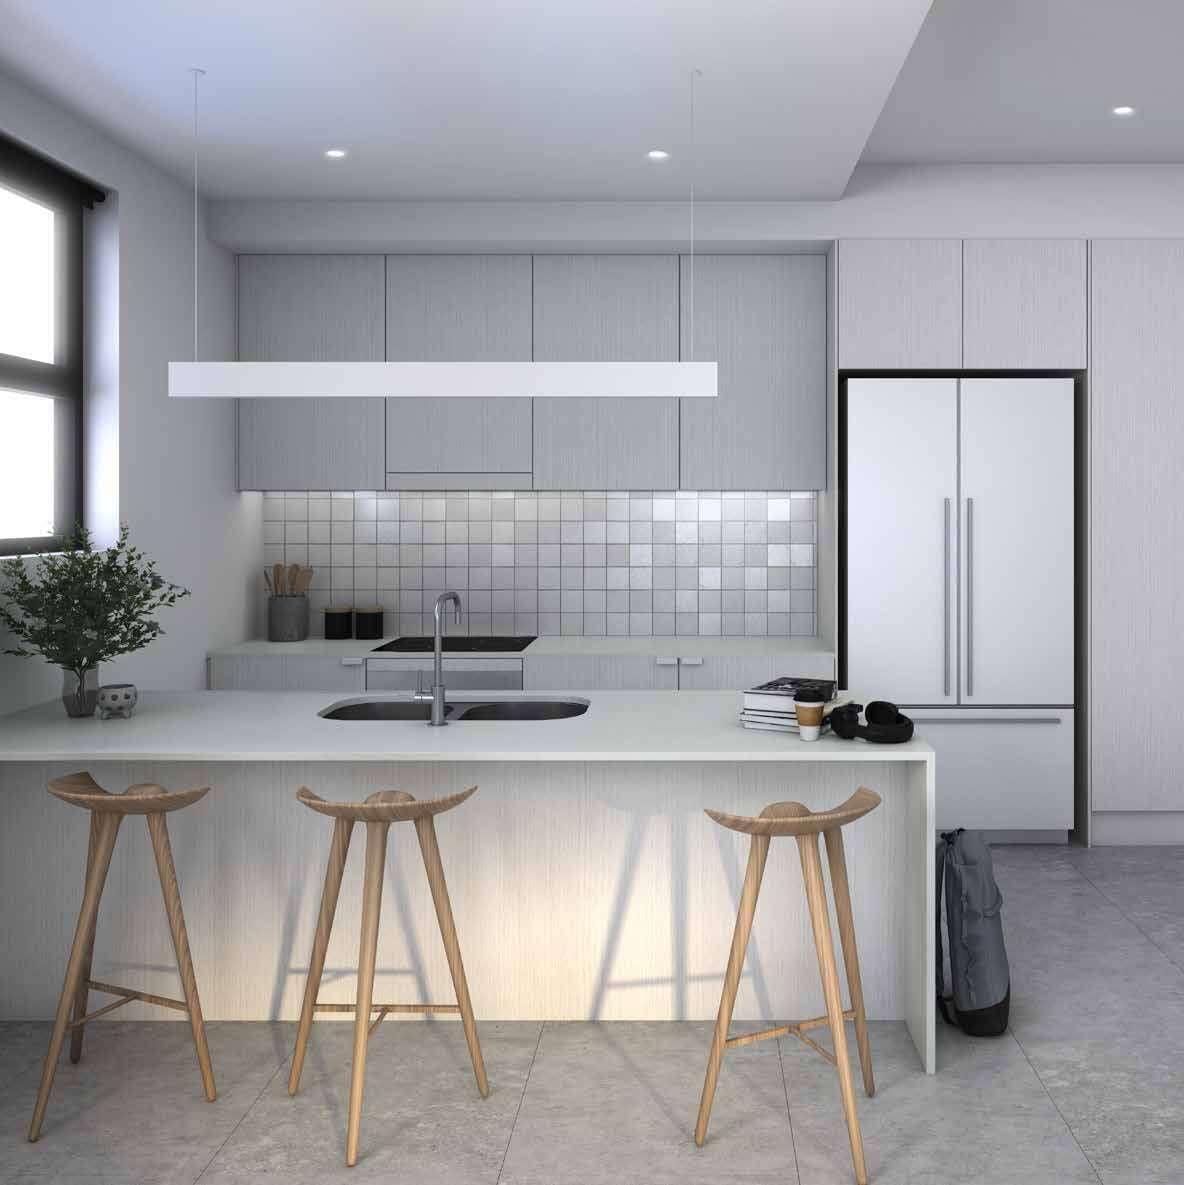 Curio by Mosaic kitchen